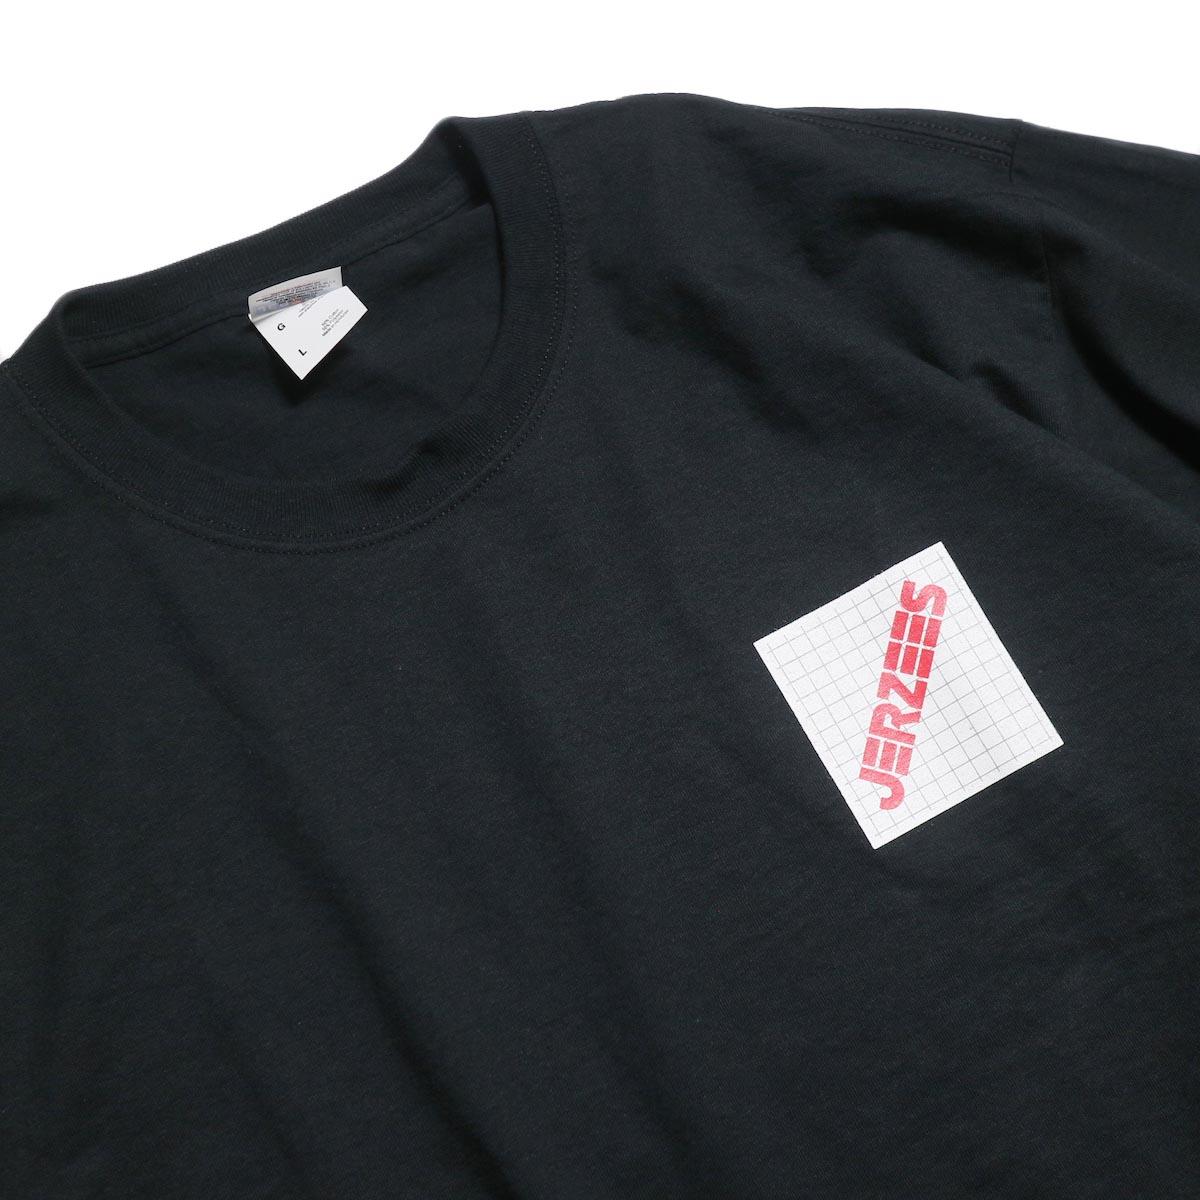 N.HOOLYWOOD × JERZEES  / 191-CS44-070 Short Sleeve Tee -Black 襟